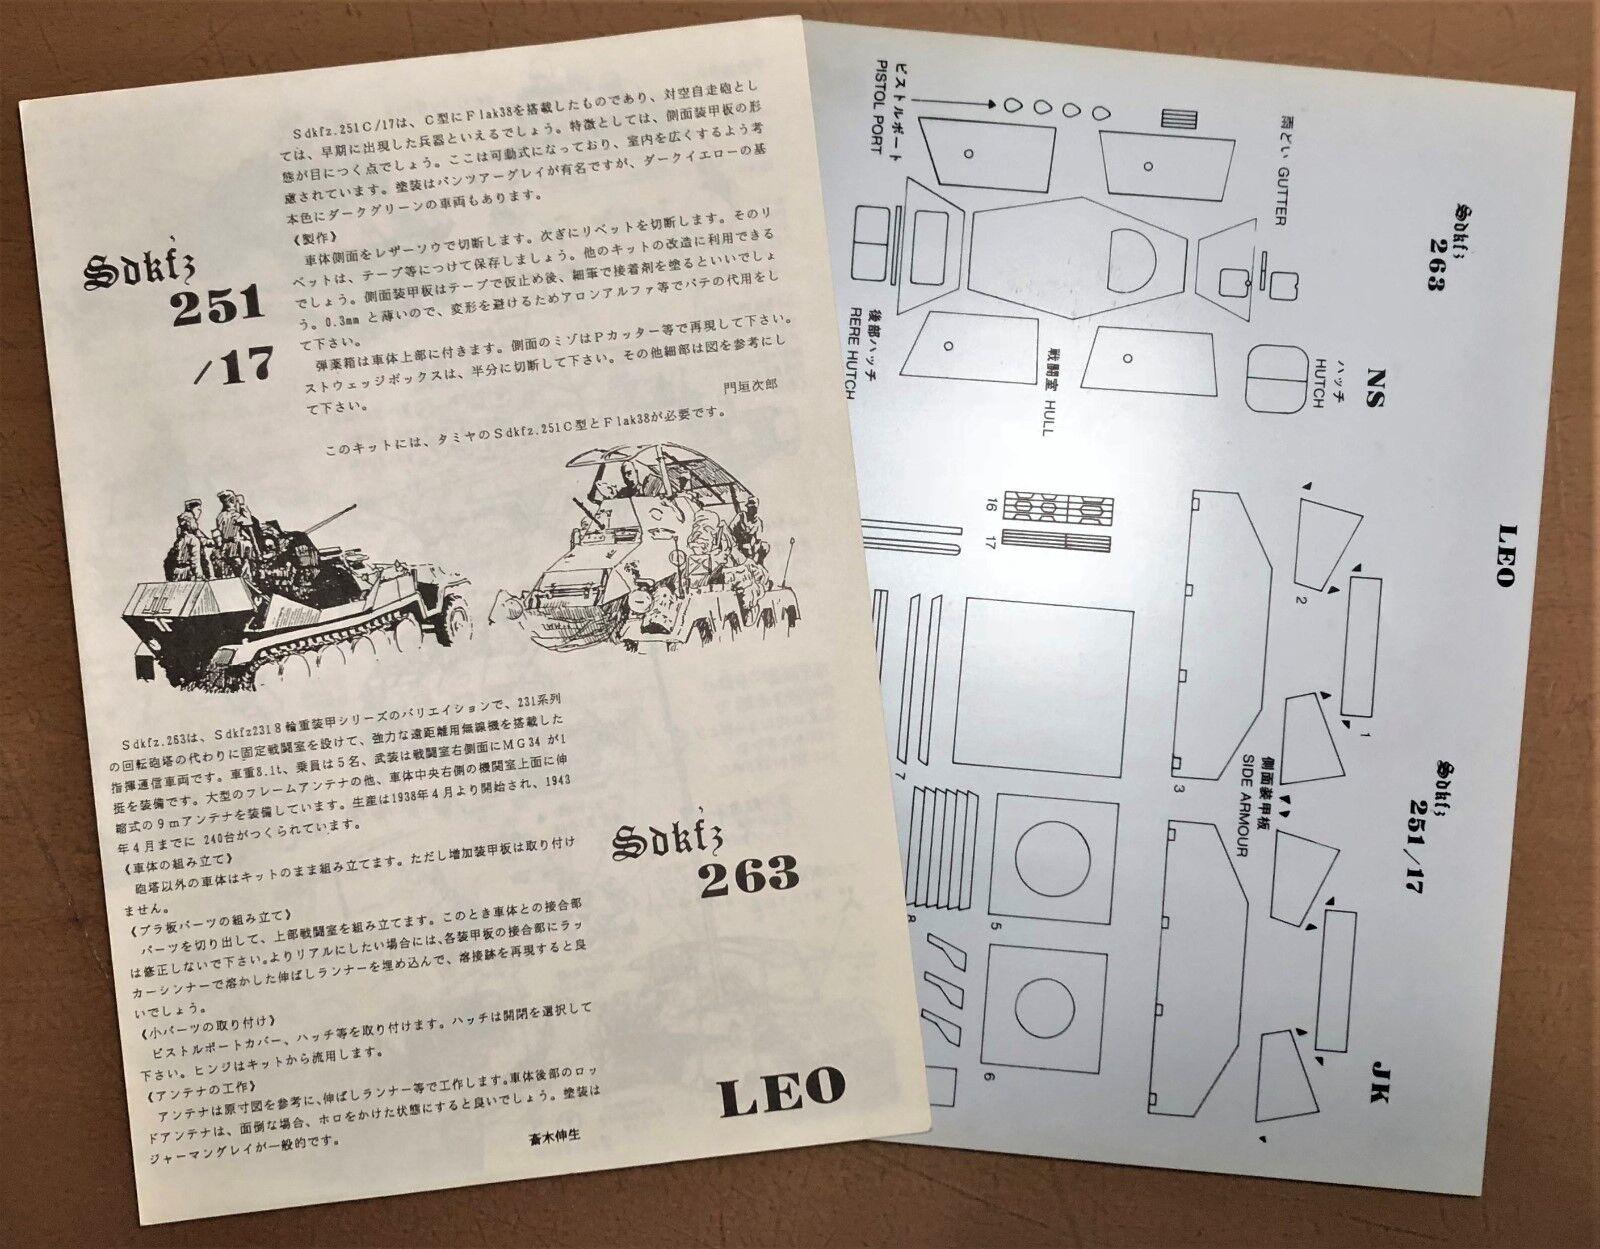 LEO JAPAN - Sdkfz 251 17 Sdkfz 263 - STYRENE MODEL 1 35 RARITA'